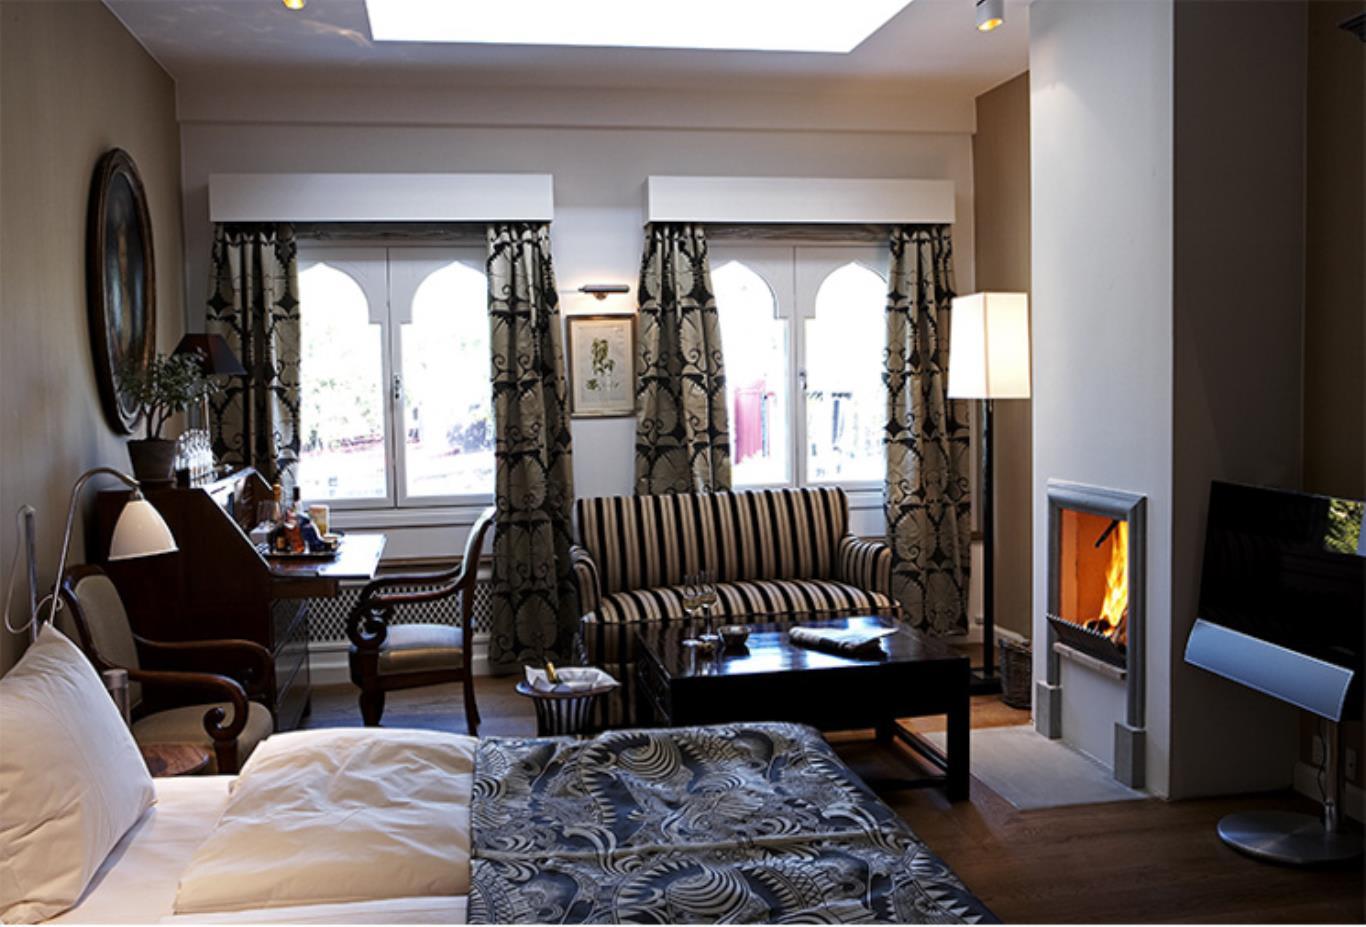 Deluxe Guest Room 1